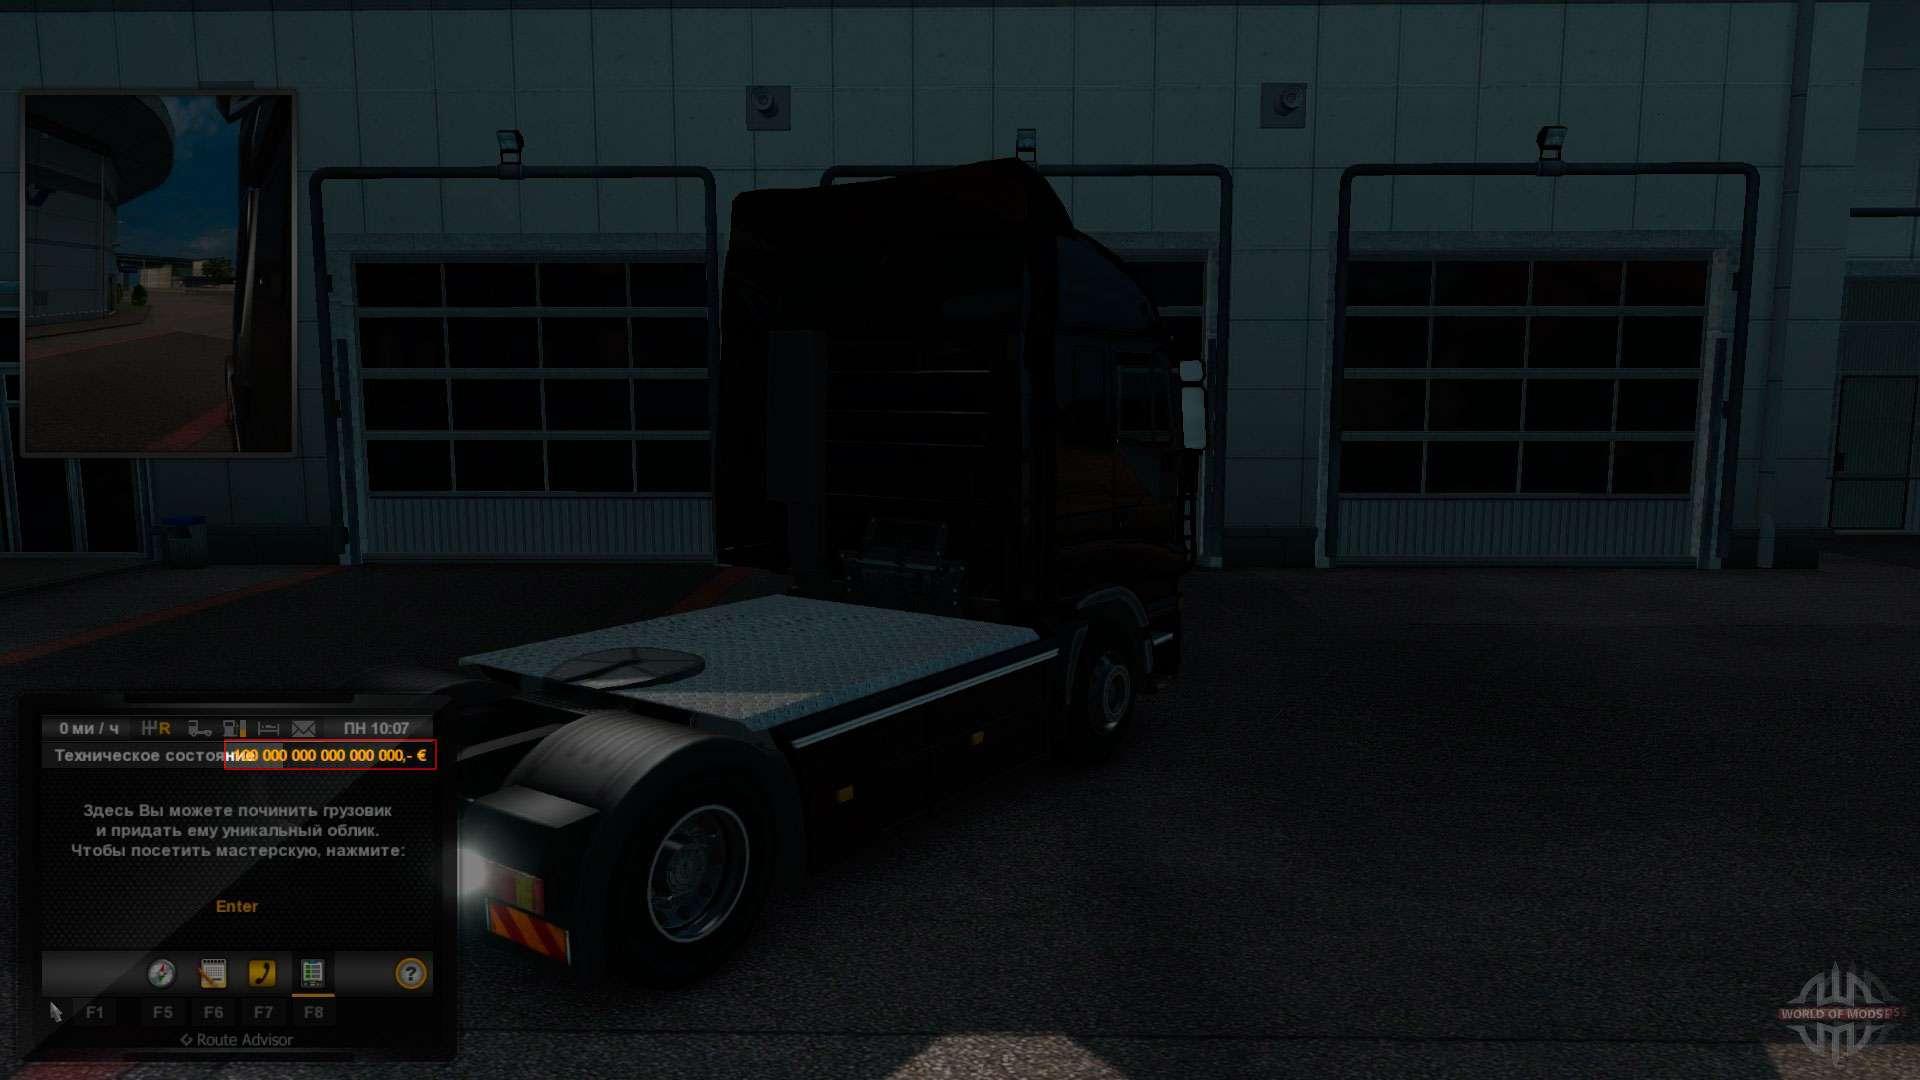 скачать мод на деньги для euro truck simulator 2 бесплатно